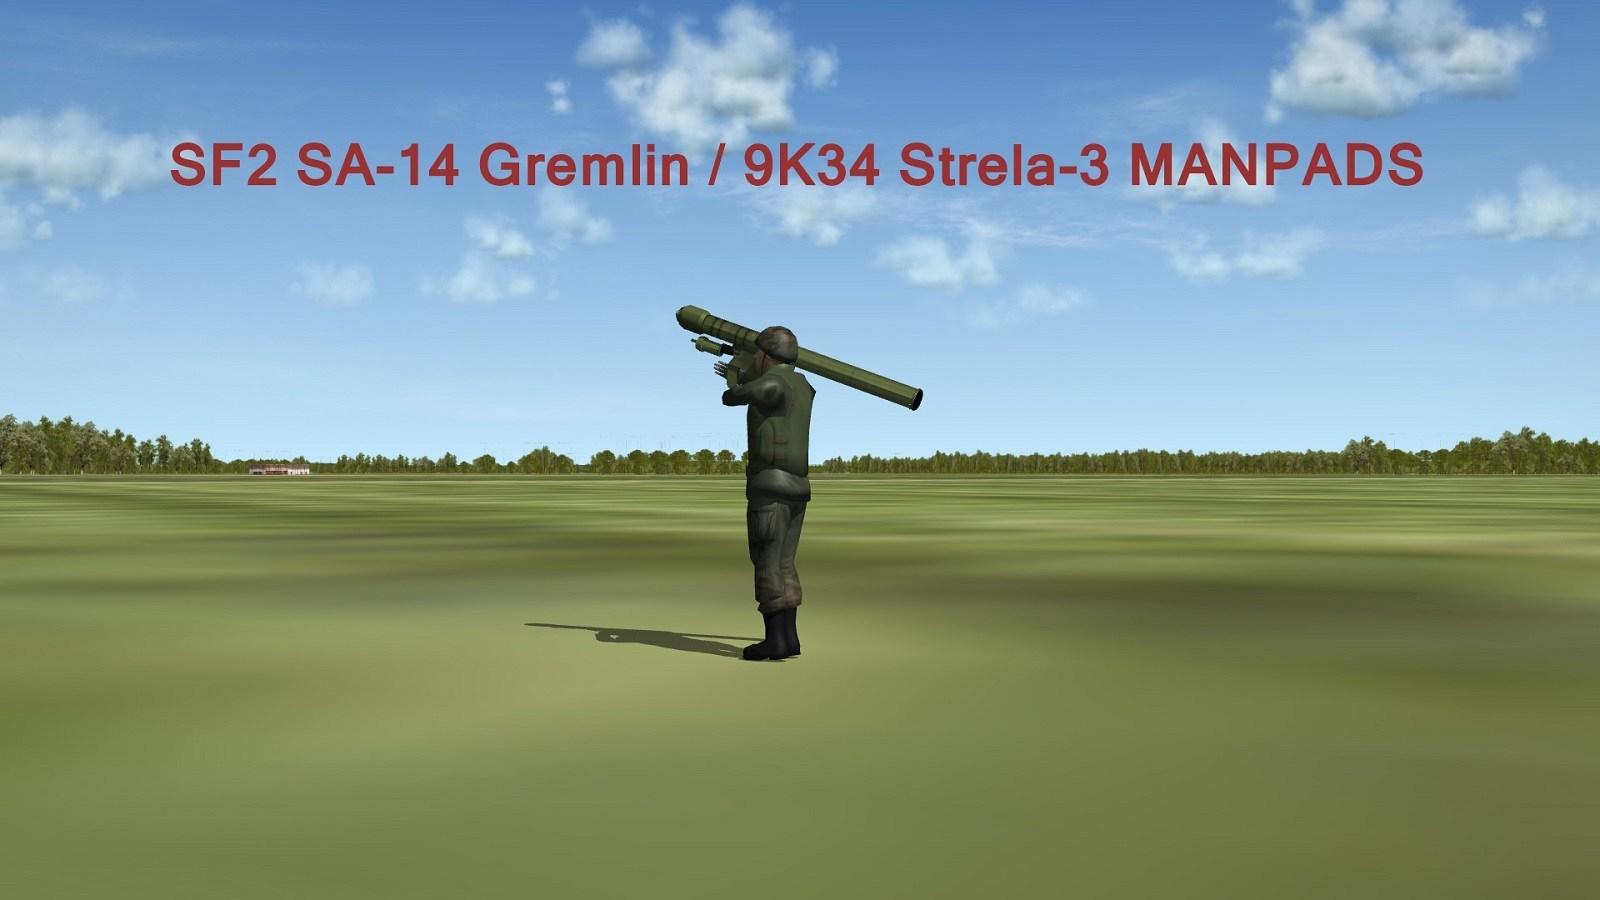 SA-14 Gremlin / 9K34 Strela-3 MANPADS Pack